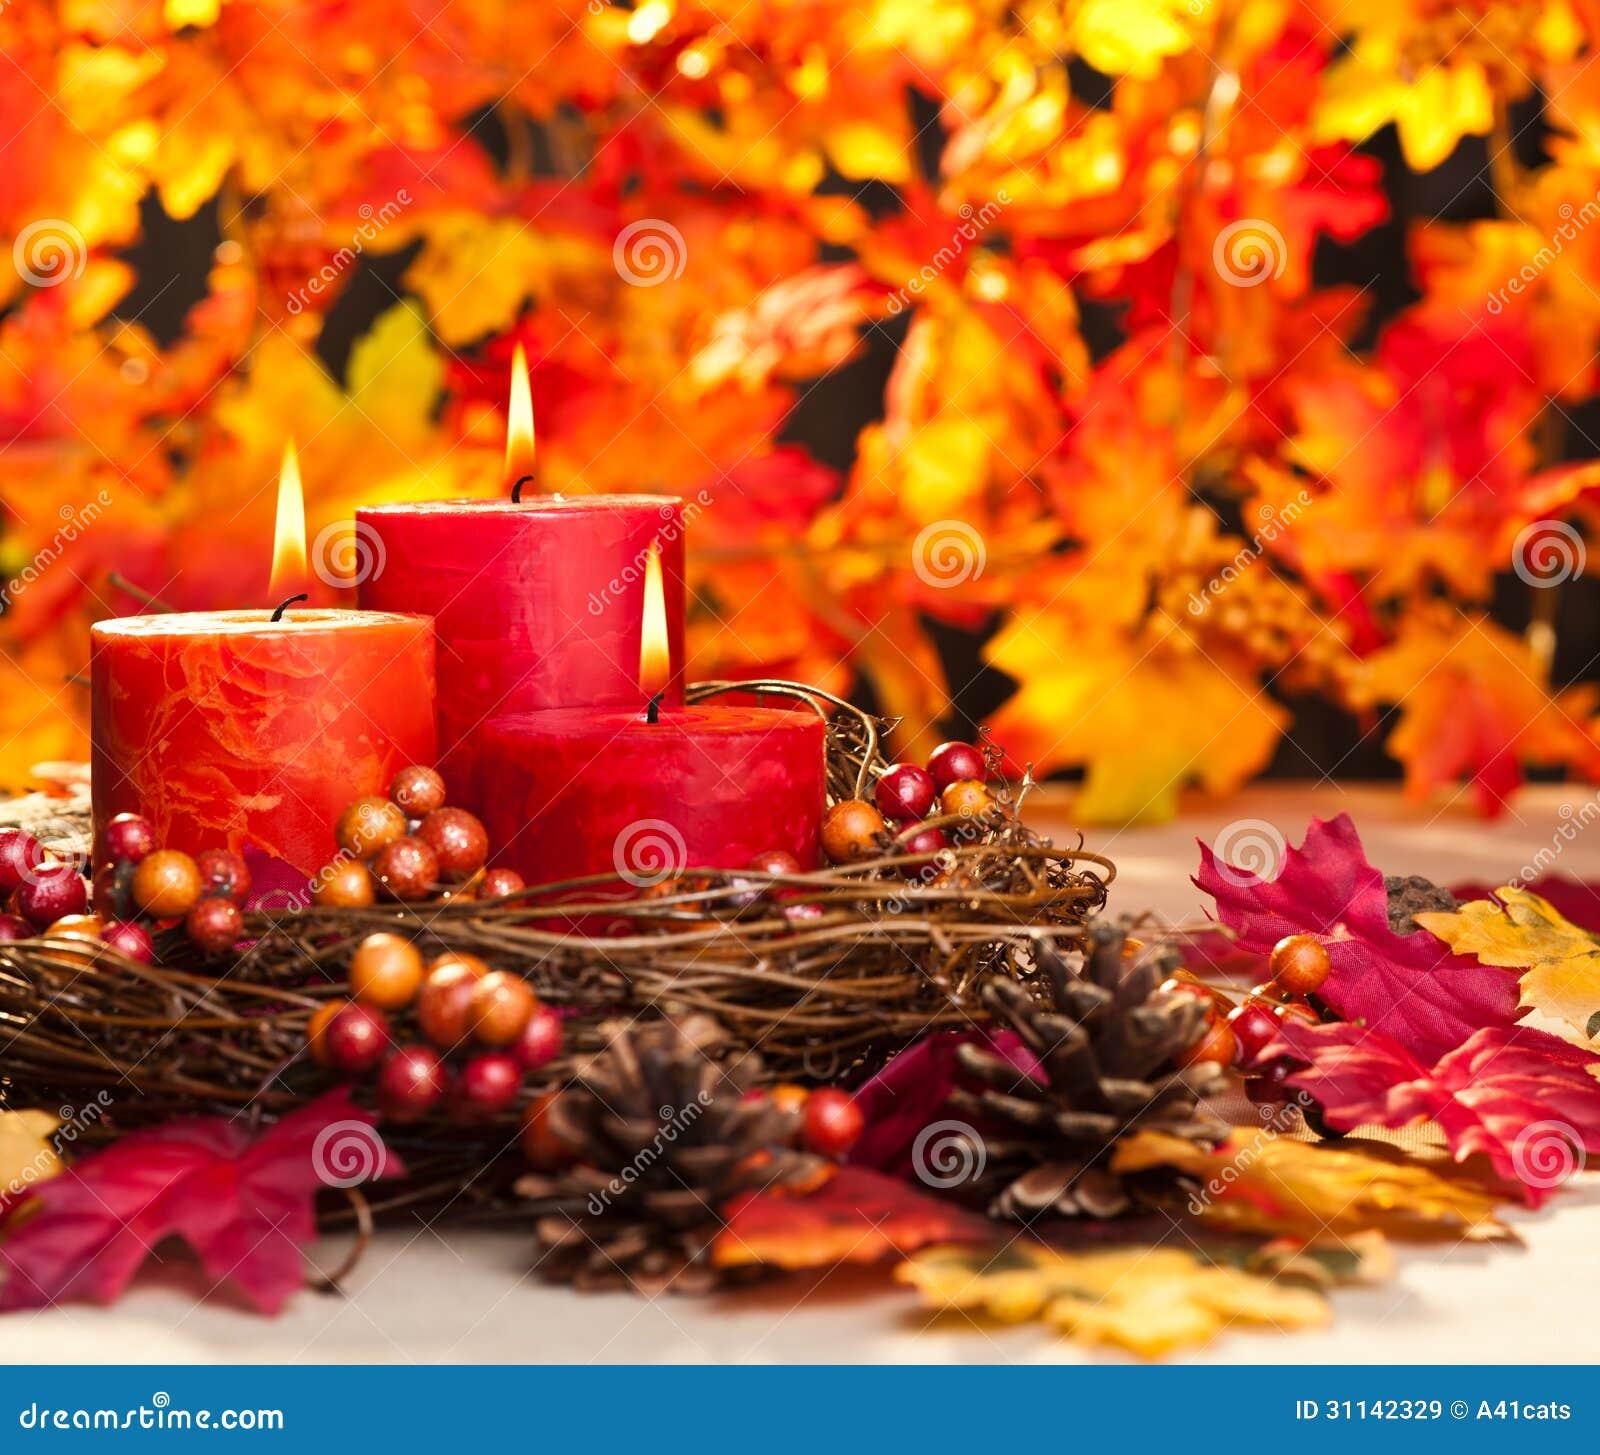 bougies d 39 automne images libres de droits image 31142329. Black Bedroom Furniture Sets. Home Design Ideas